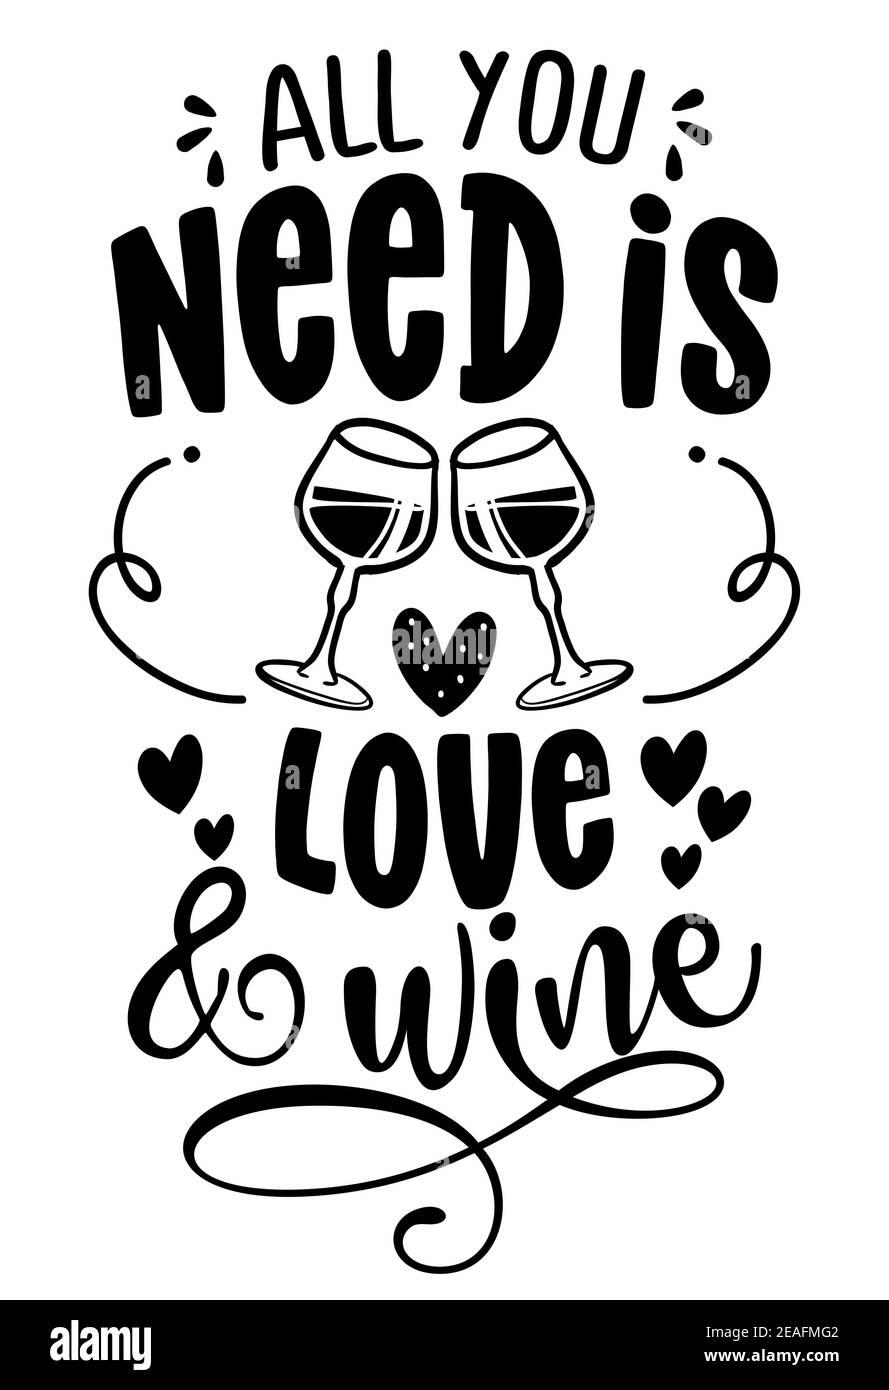 Tout ce dont vous avez besoin, c'est de l'amour et du vin - design pour les affiches. Carte de vœux pour la fête des poules, cadeau de fête des femmes. Journée de la terre drôle imprimable. Concept avec décanter, bo Illustration de Vecteur